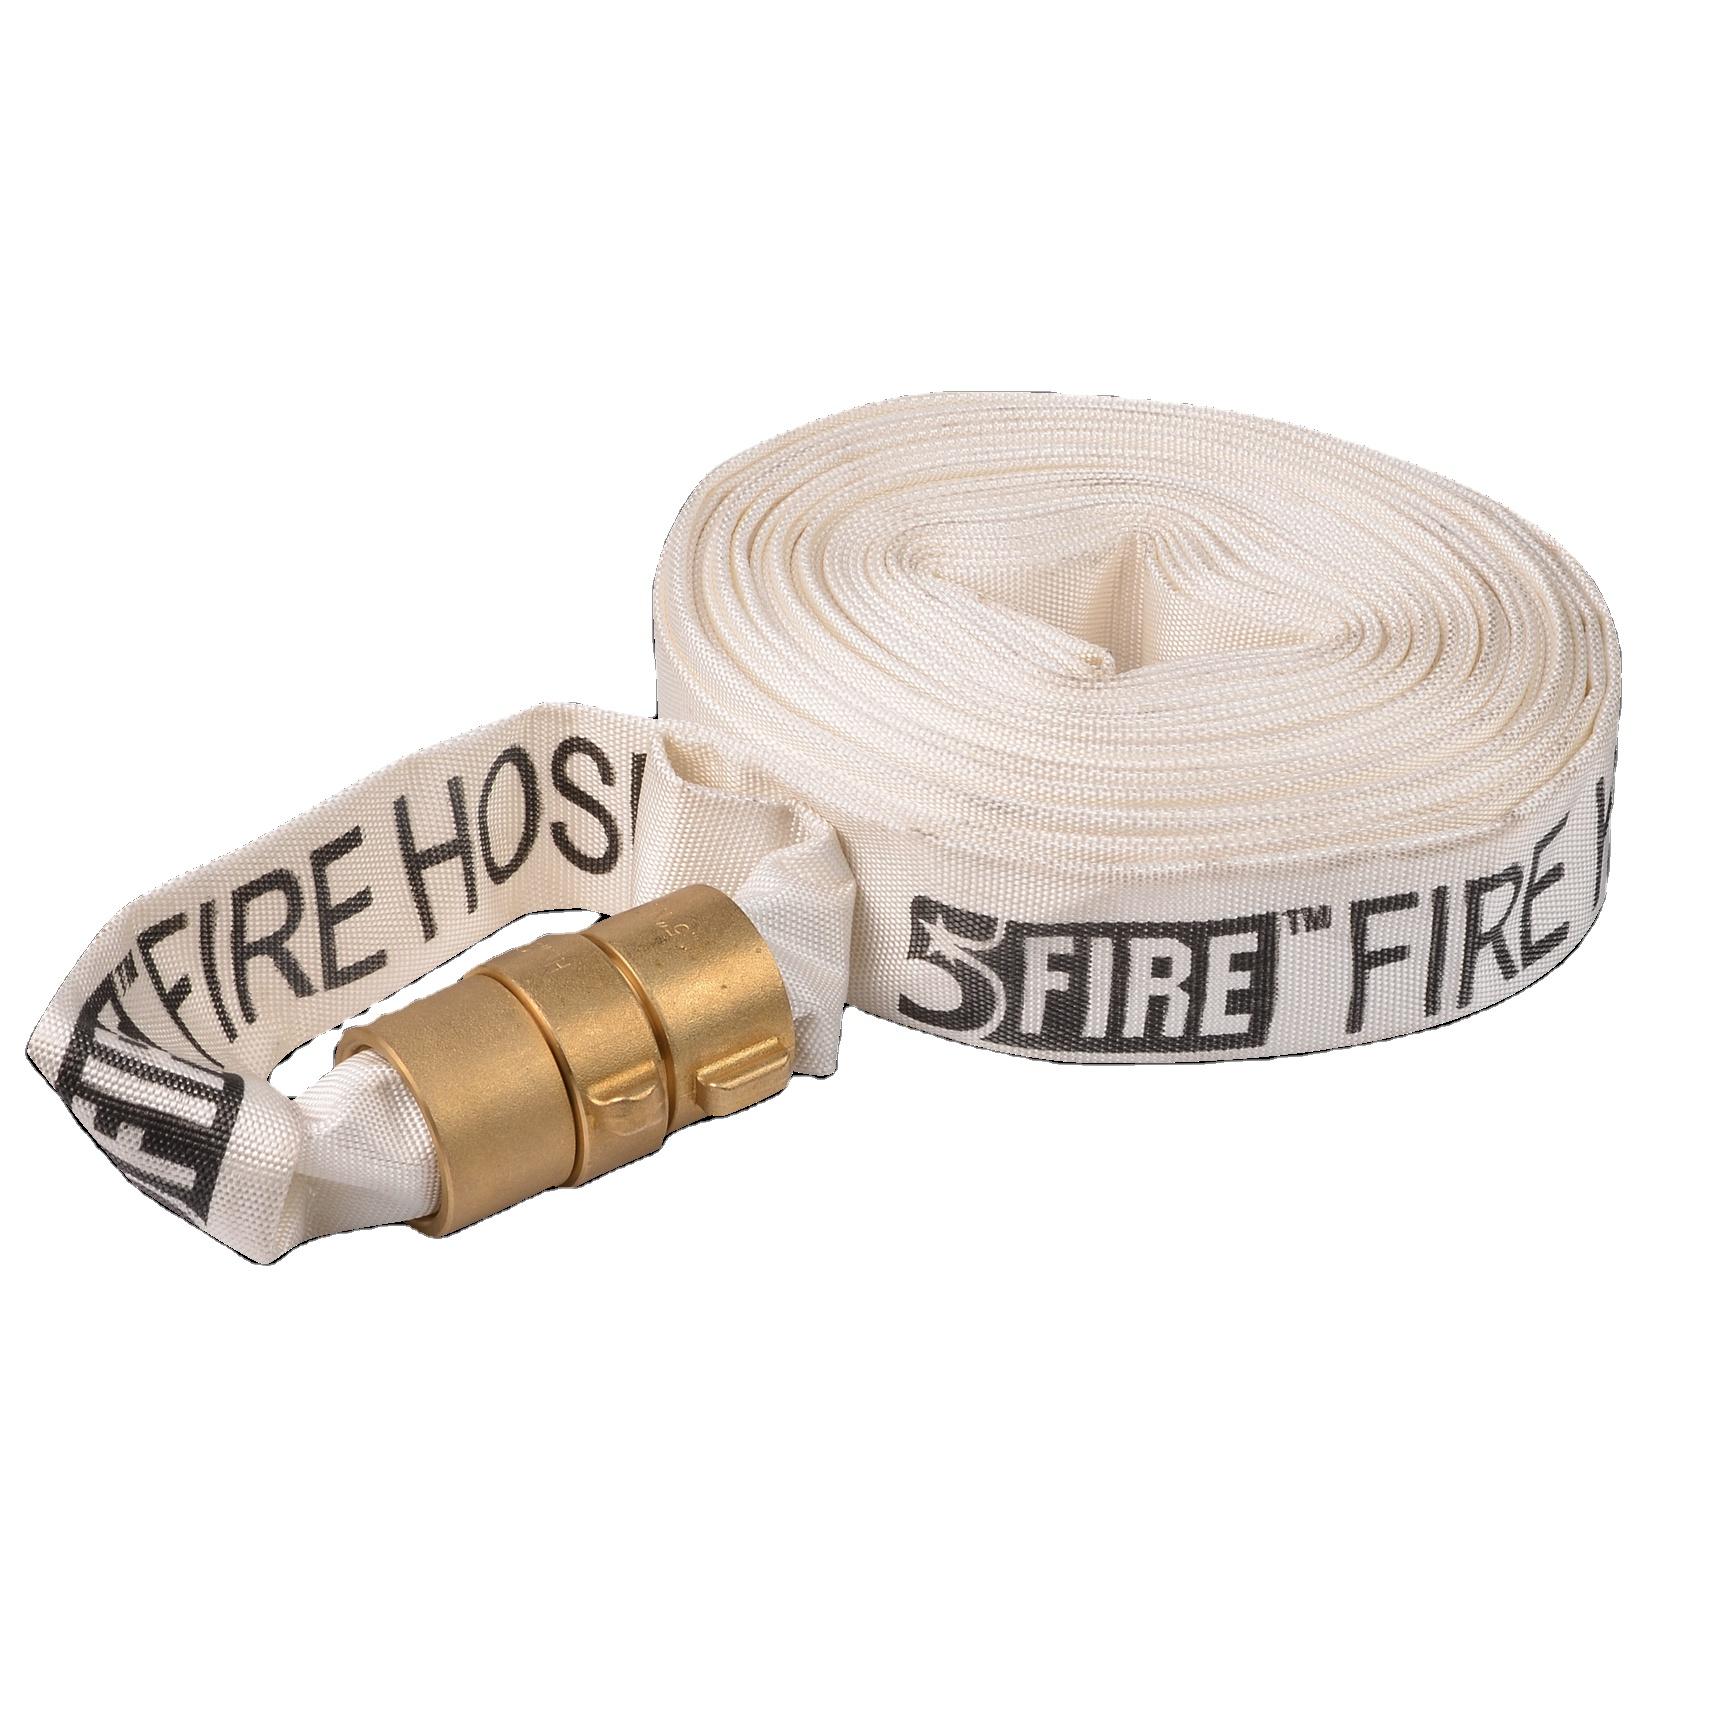 Пожарный шланг firehose с расширительными кольцами, резина/ПВХ/ТПУ, от 1 до 8 дюймов, от 15 м до 30 м